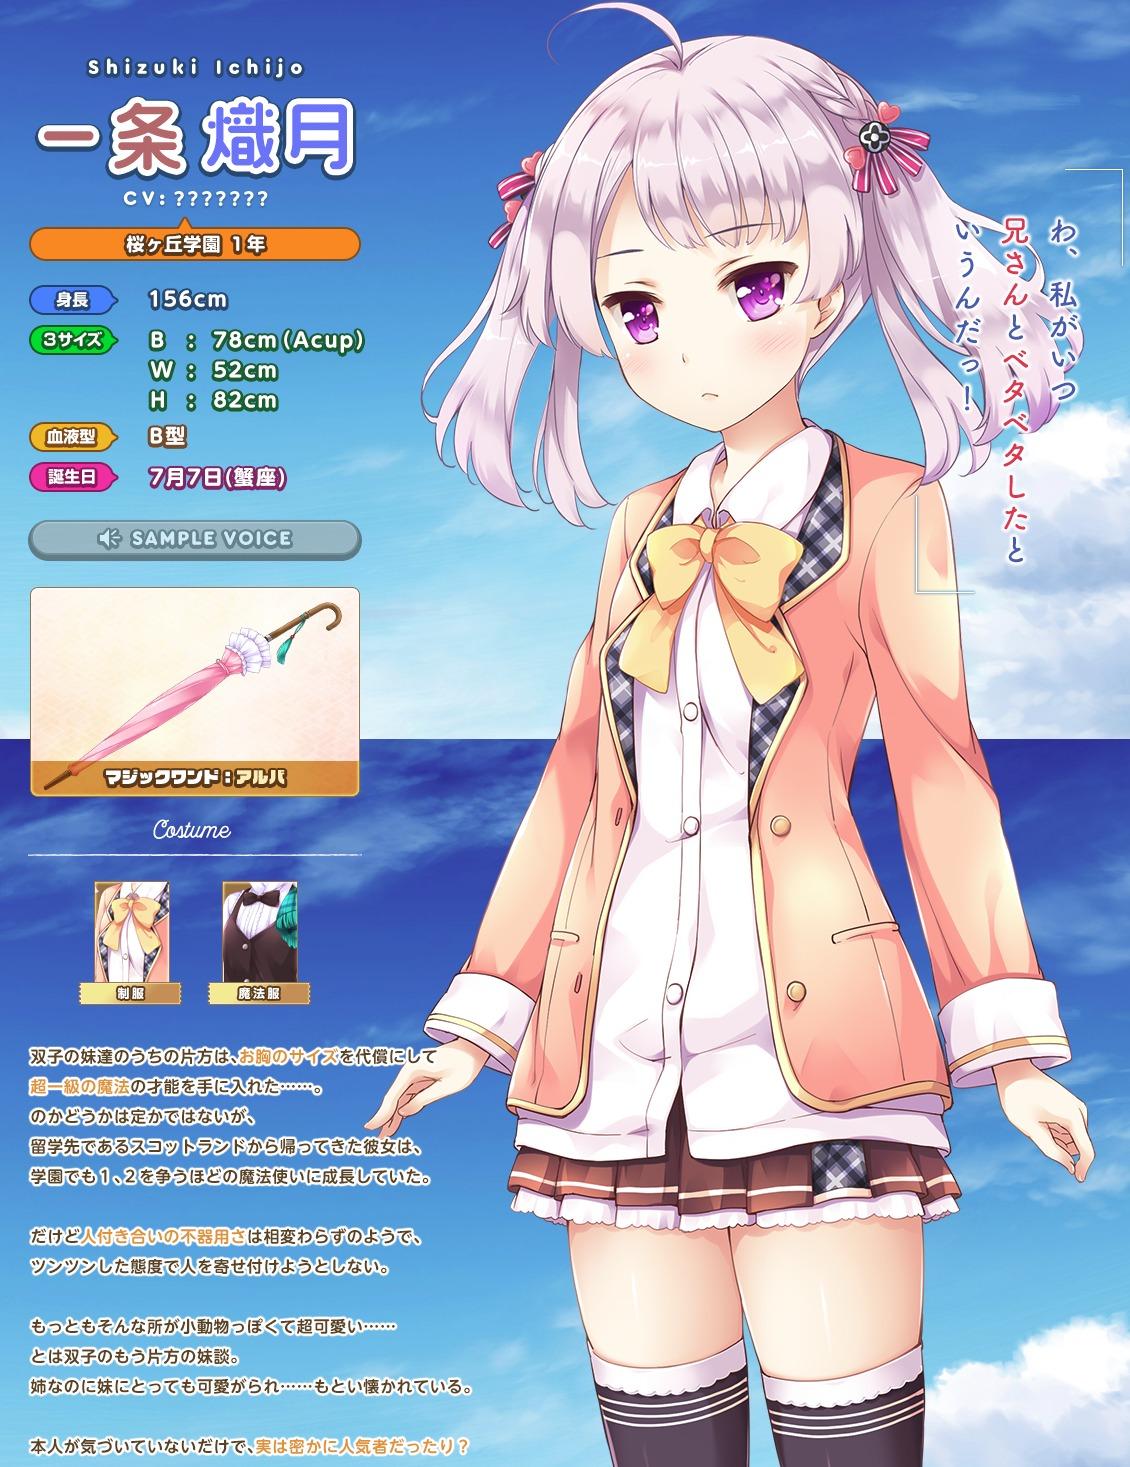 キャラクター「一条 熾月」 はぴねす!2 Sakura Celebration